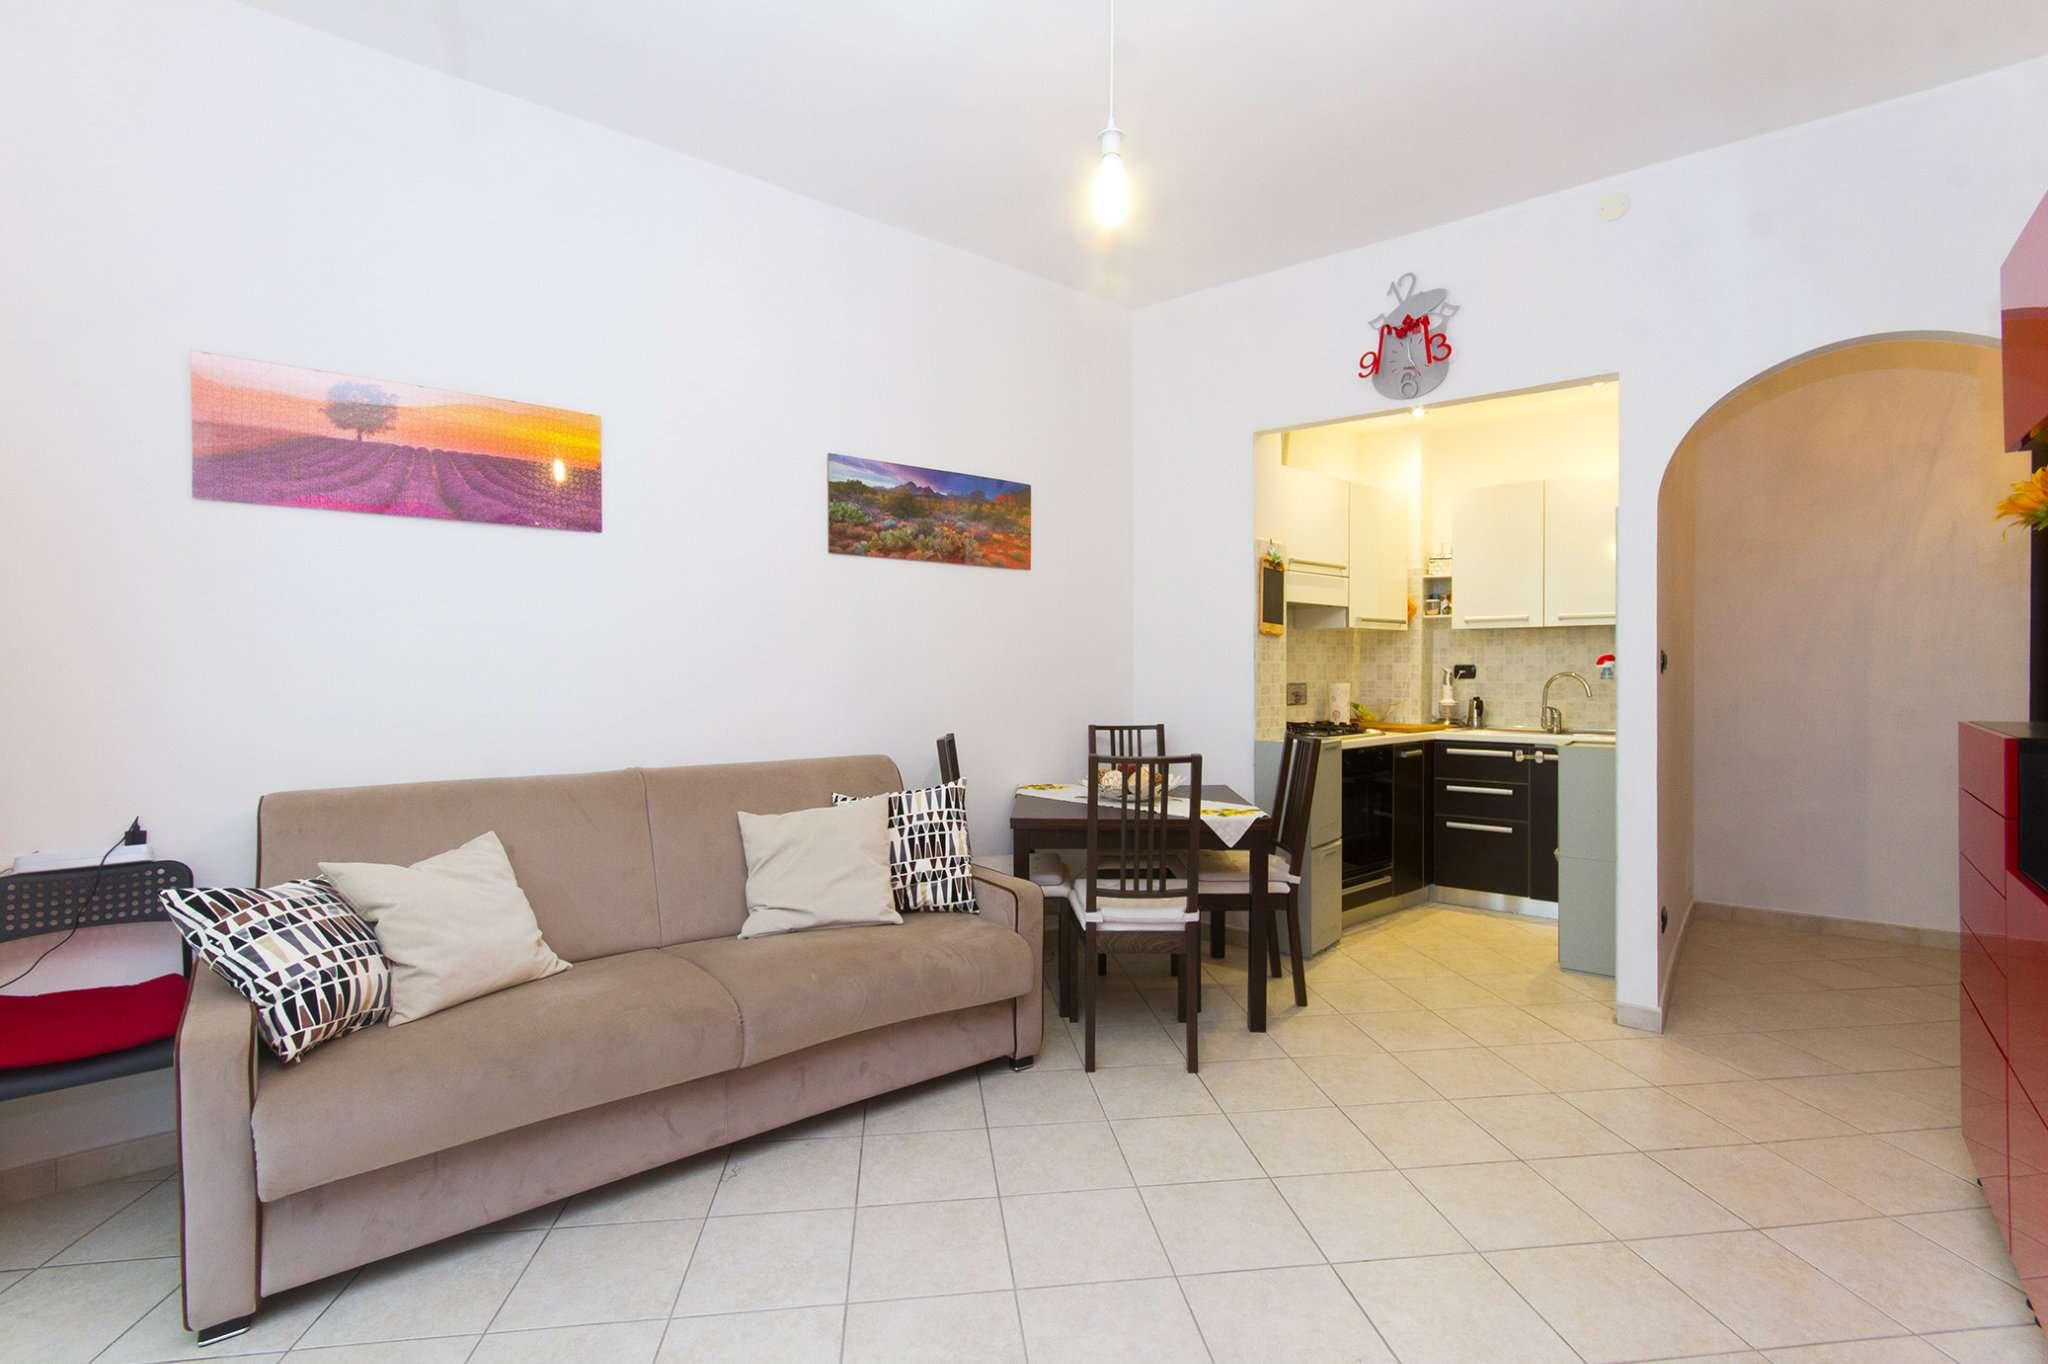 Appartamento in vendita a Alpignano, 2 locali, prezzo € 79.000 | CambioCasa.it